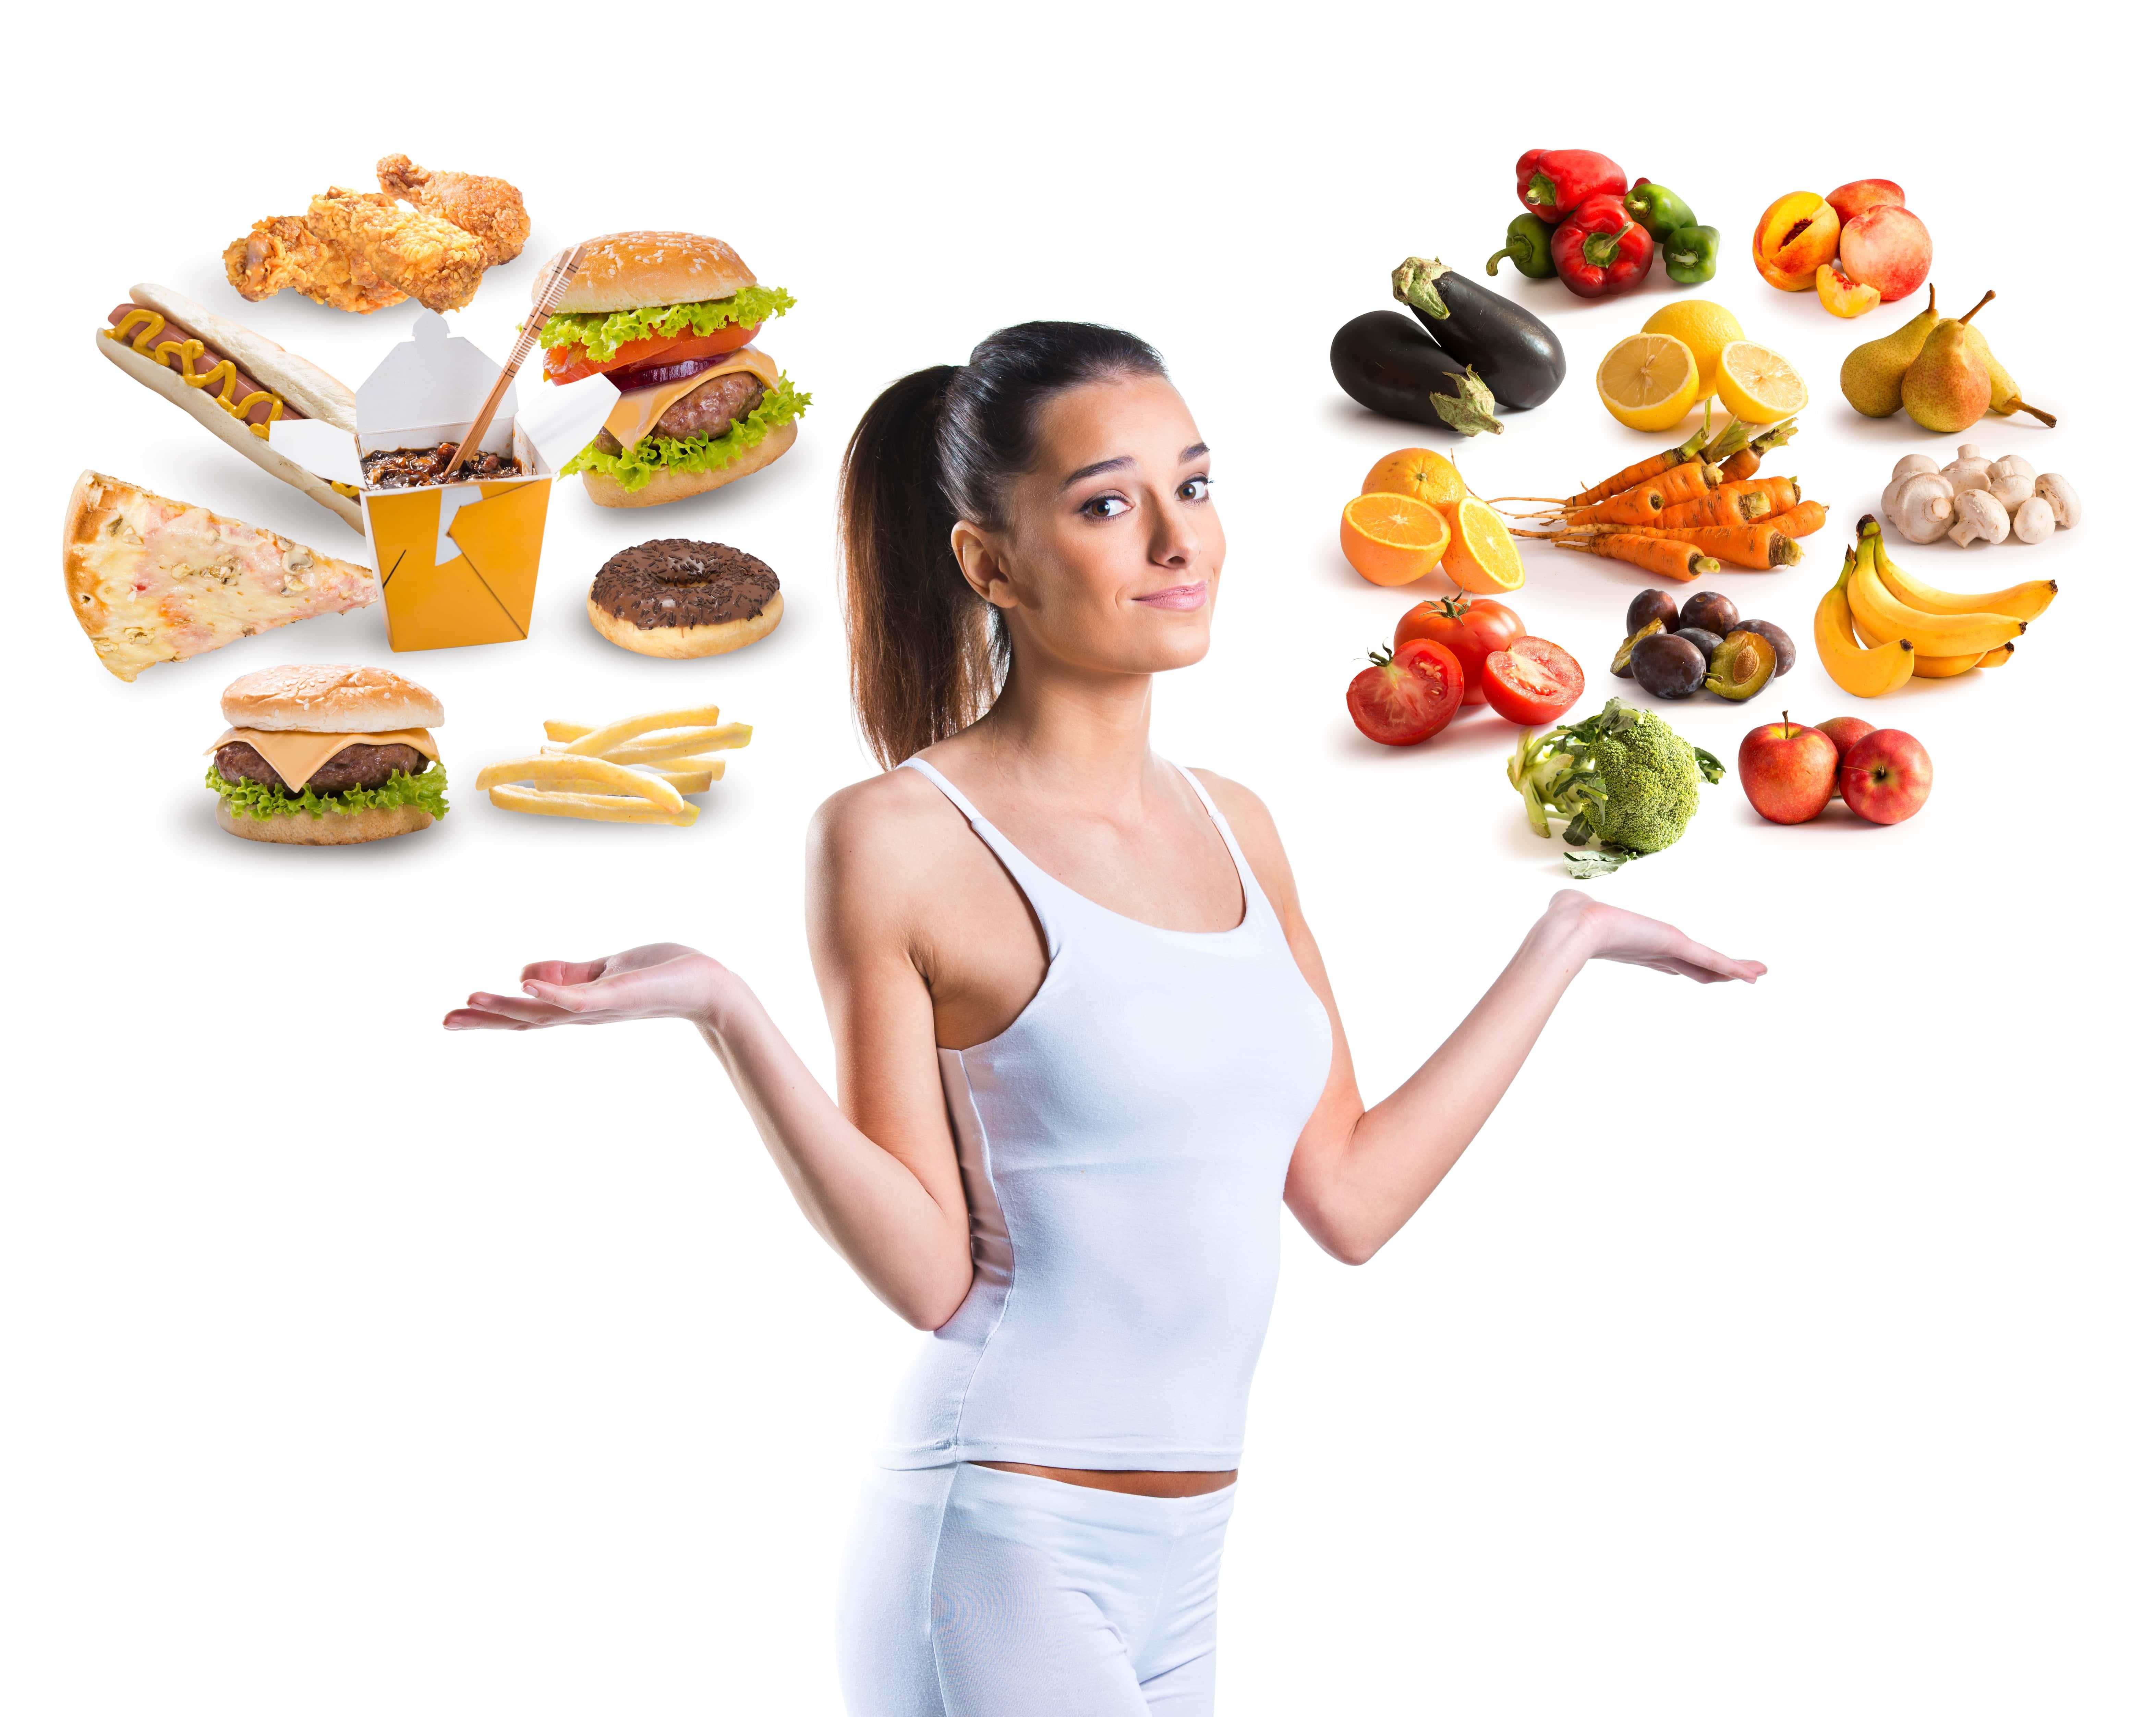 Ponte a dieta con los colores del semáforo y despídete del sobrepeso